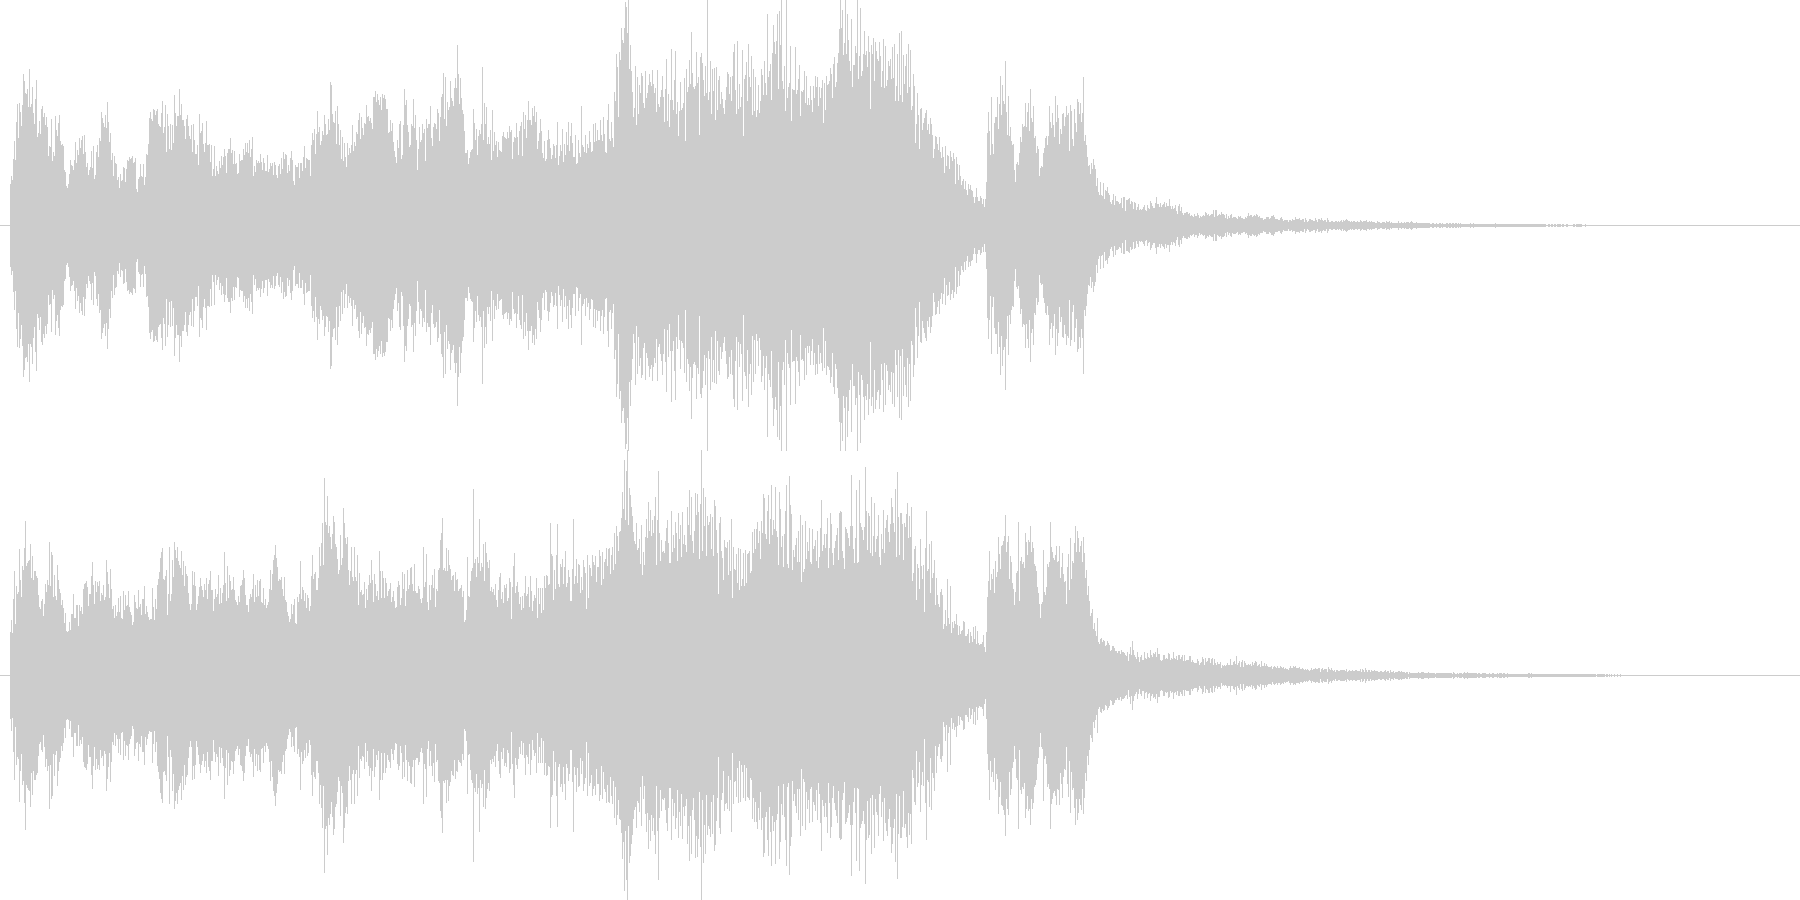 発表シリーズファンファーレ表彰式オルガンの未再生の波形